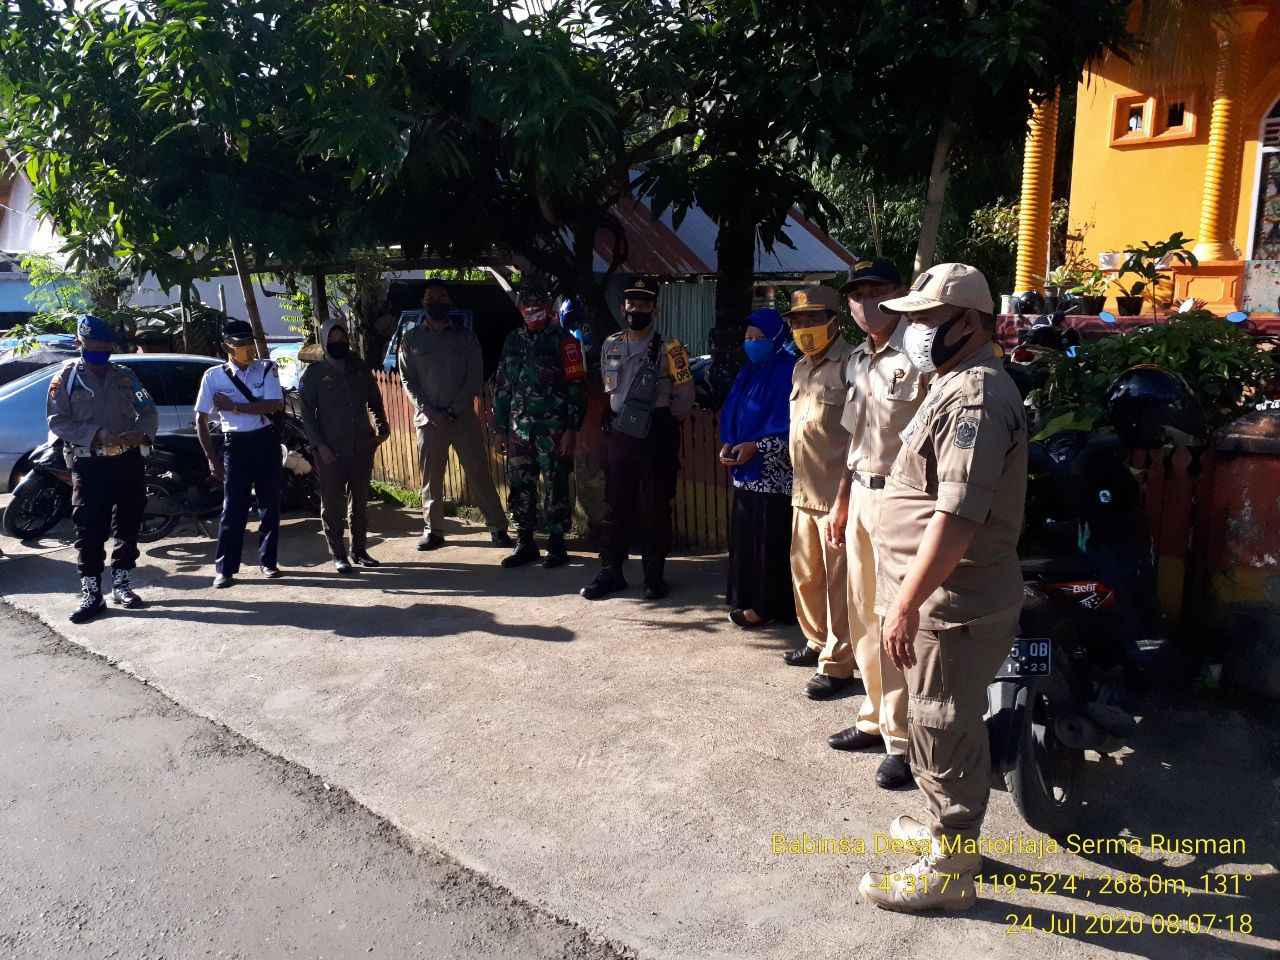 Patroli PDPK di Galakkan Tim Gabungan TNI, Polres dan Pemkab Soppeng di Pasar Tanjonge, Ini Tujuannya